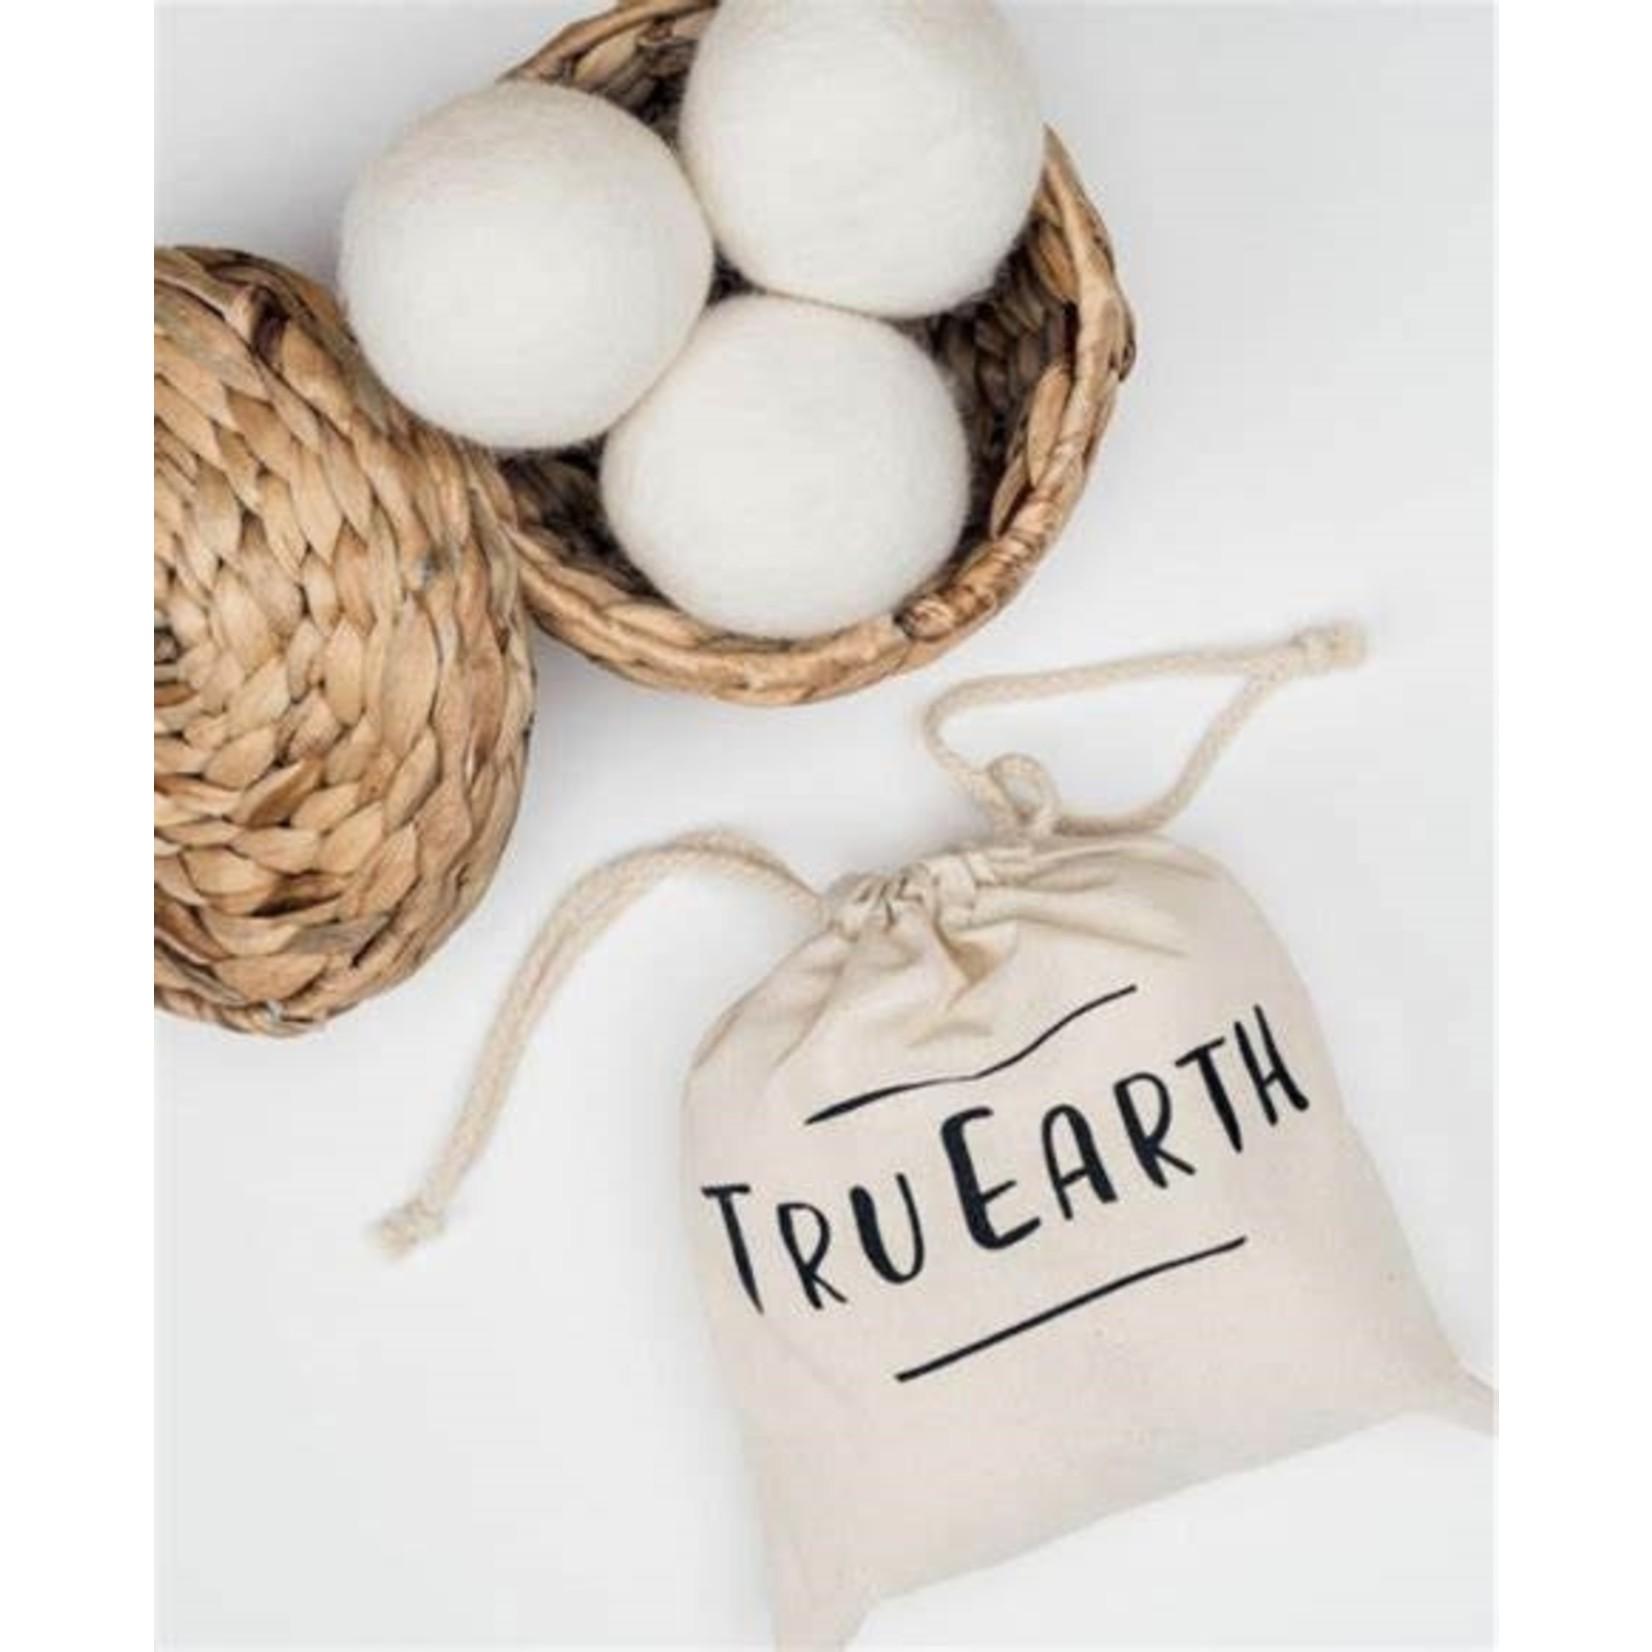 Tru Earth Wool Dryer Balls